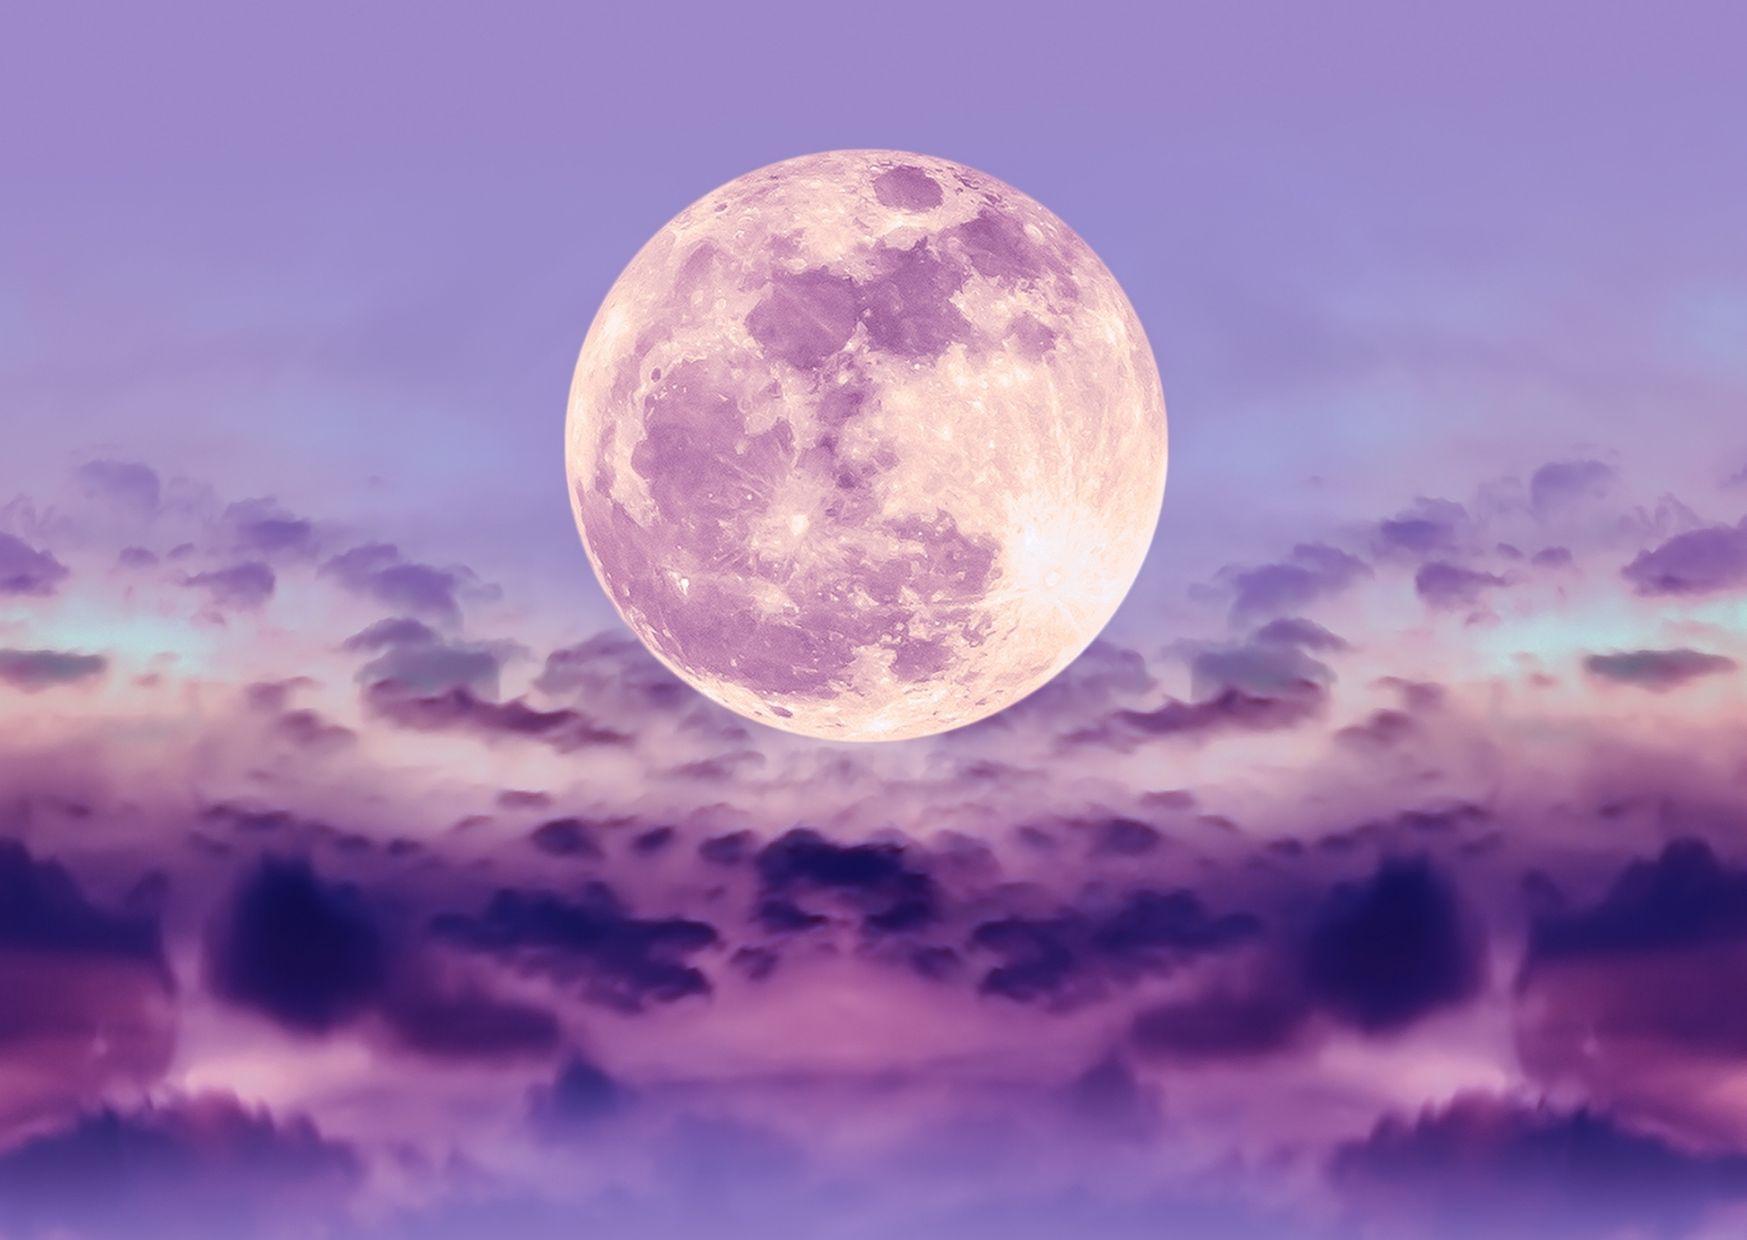 Volle maan in weegschaal in paarse lucht, spirituele sfeer